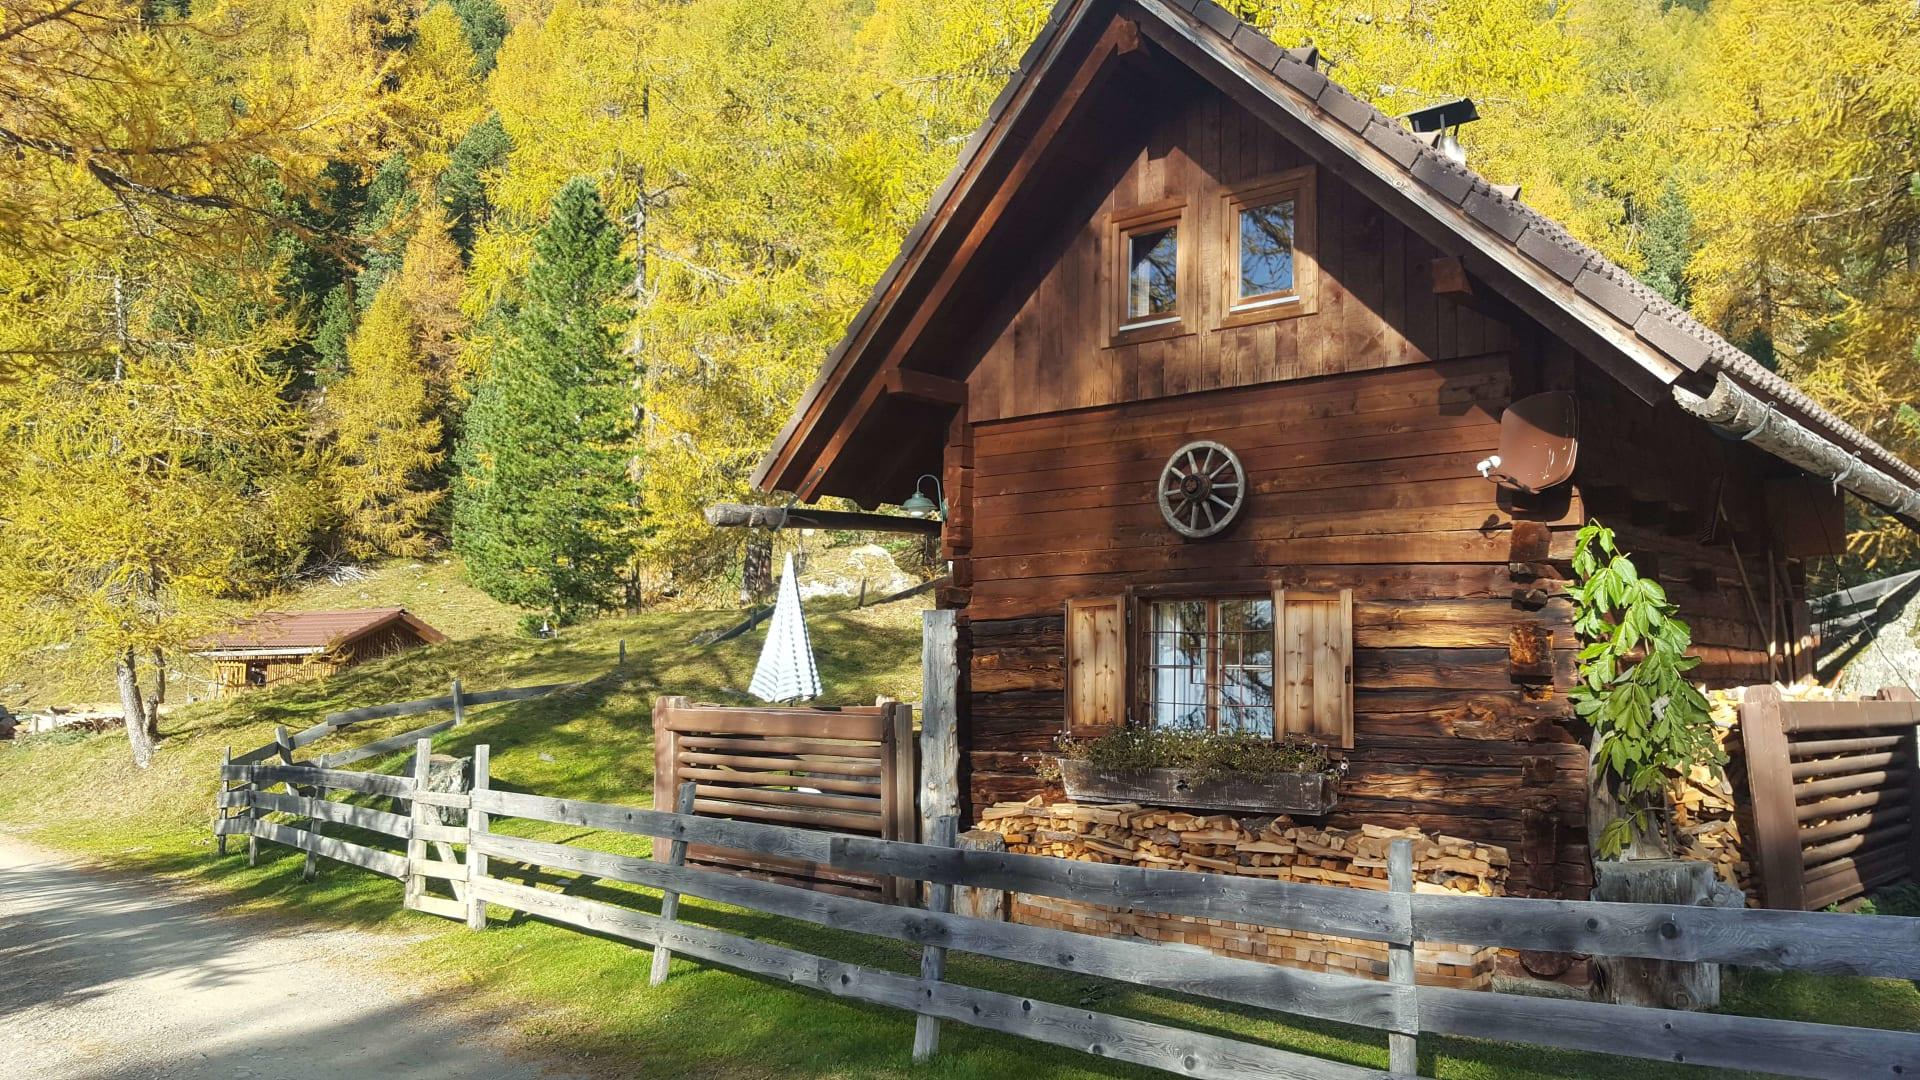 Bergheim Schmidt's Stephan Hütte